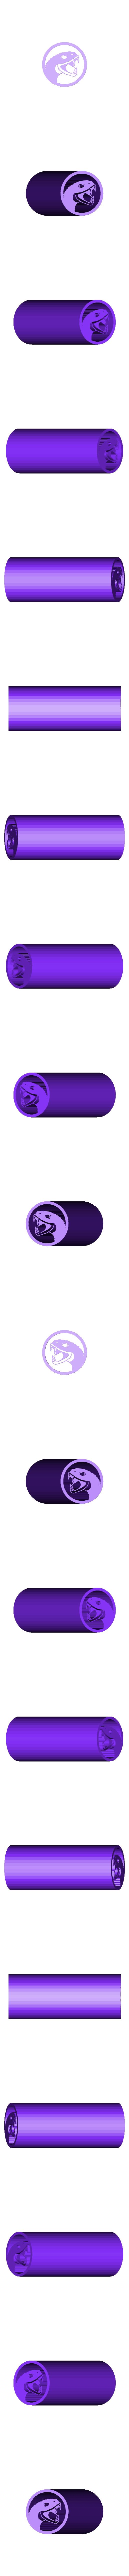 snake extruders.STL Télécharger fichier STL 36 CONSEILS SUR LES FILTRES À MAUVAISES HERBES VOL.1+2+3+4 • Design pour impression 3D, SnakeCreations